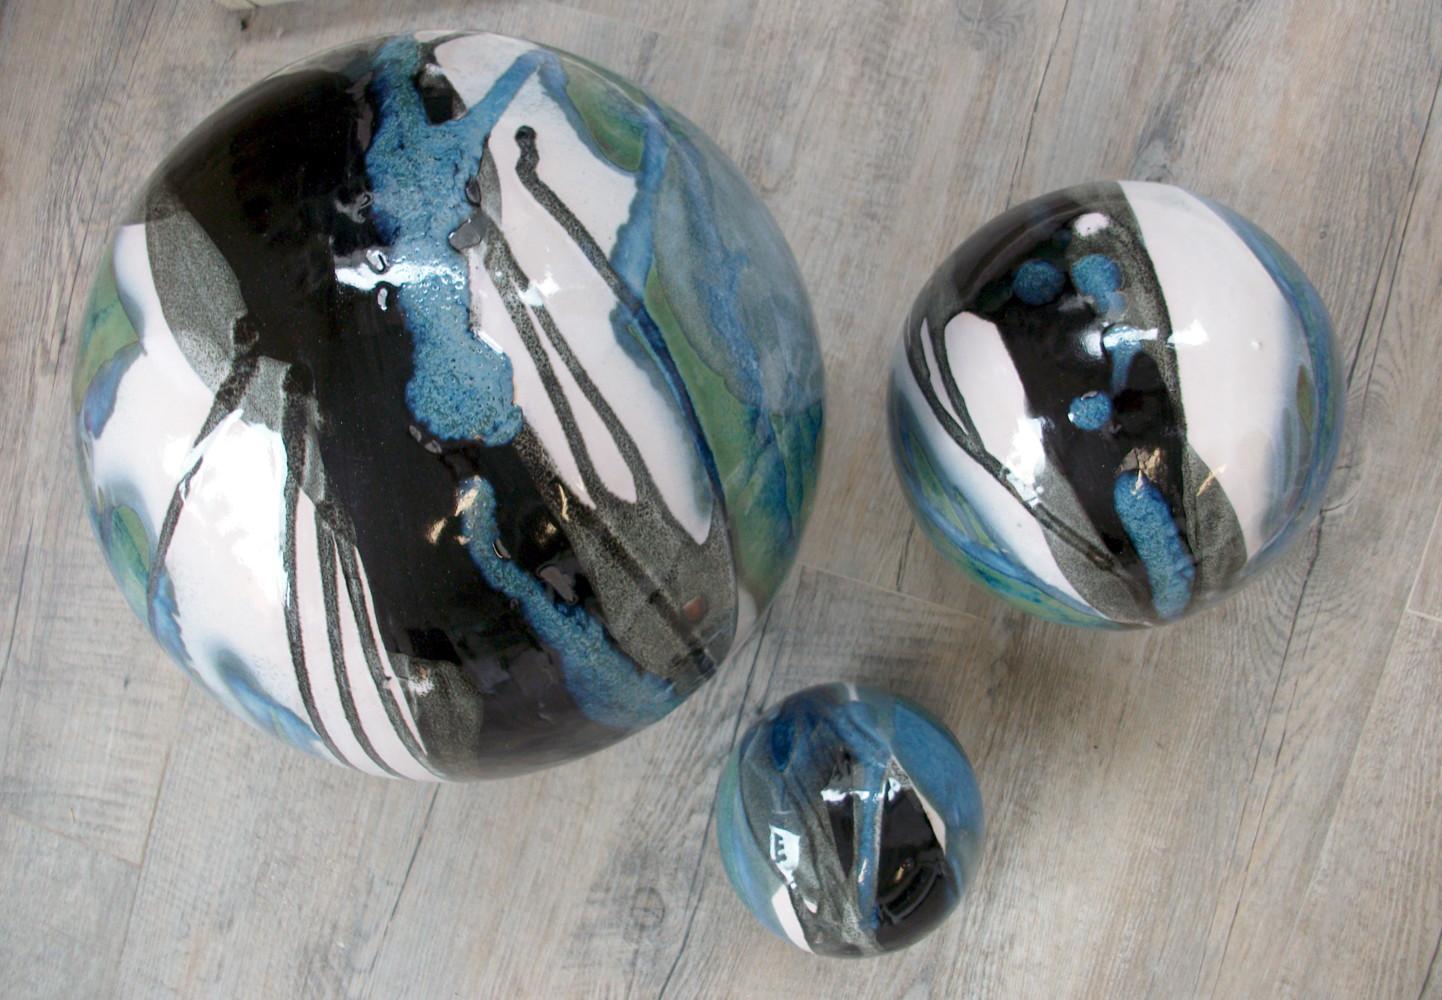 Boules en gr s pour la d coration ext rieure poteries de for Boules decoratives jardin